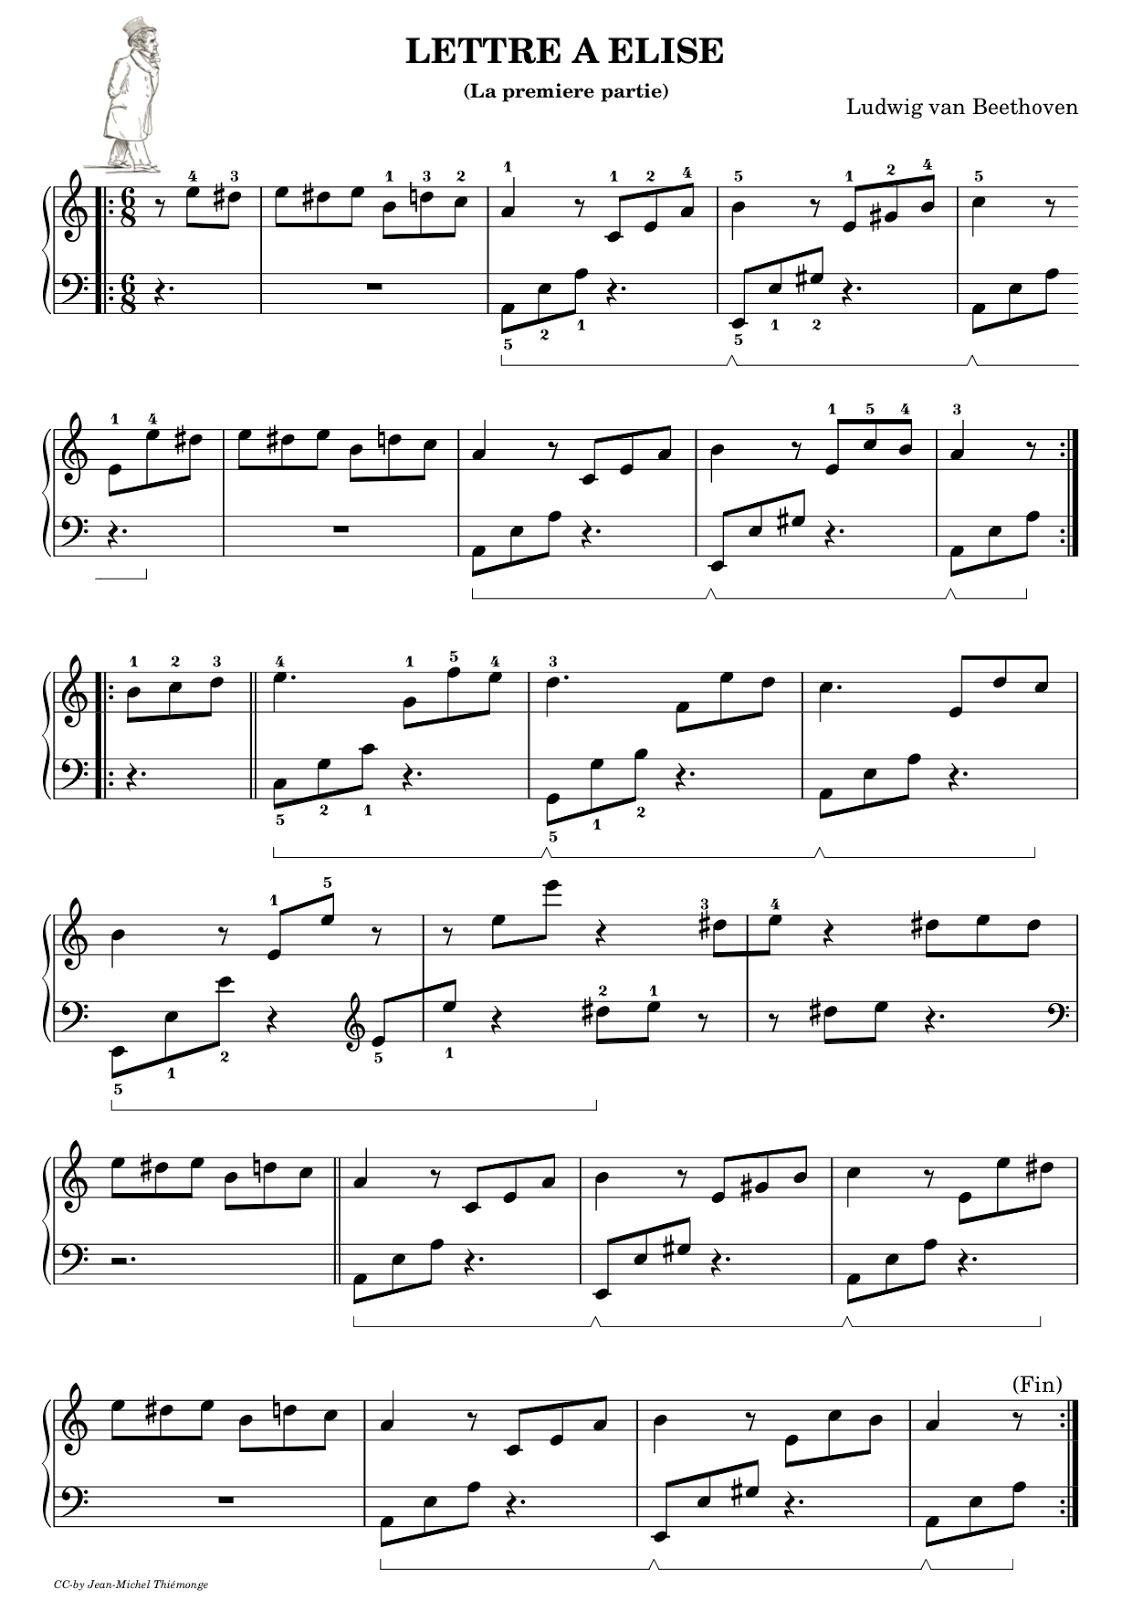 Piano Gnu Lettre A Elise Premiere Partie Chansons Piano Partitions De Piano Partition Piano Debutant